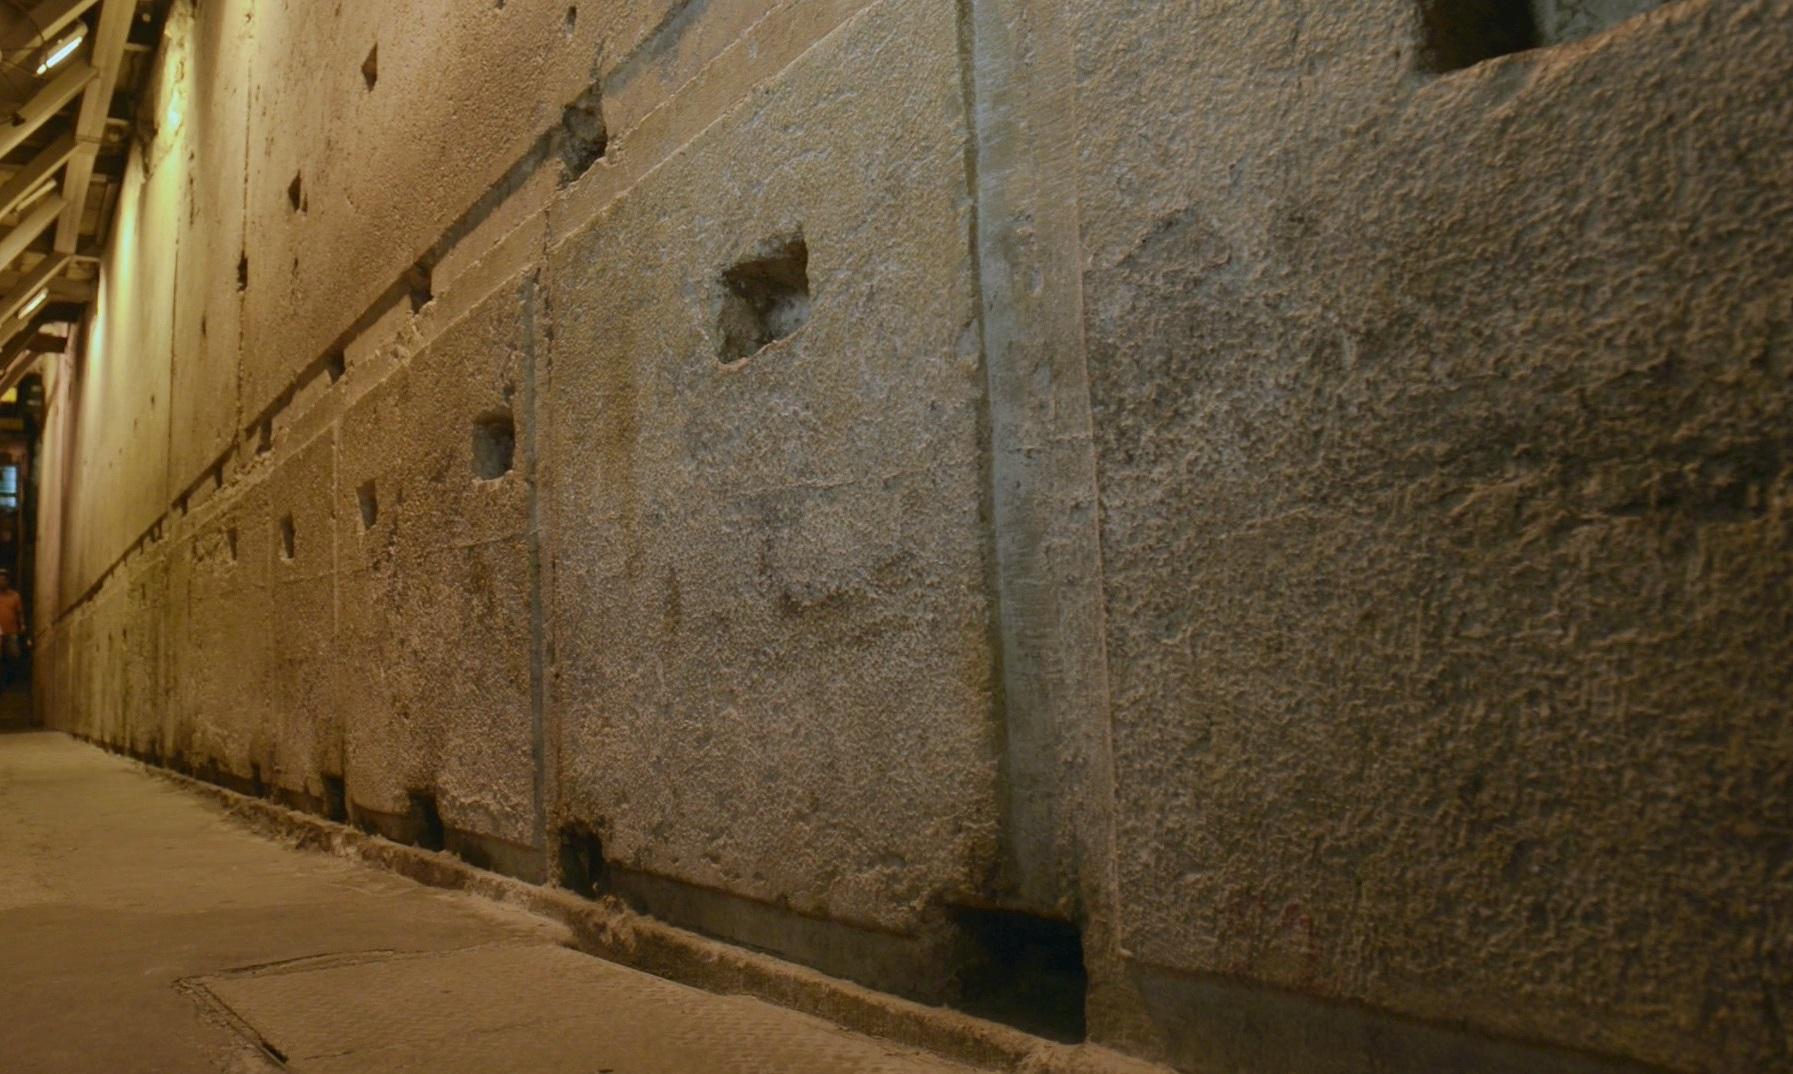 上图:西墙隧道中第二圣殿地基的巨石。根据《犹太古史记》卷15第11章记载,圣殿以白色且坚硬的石头建造,每块石头长25肘,高8肘,宽12肘。新约时代一肘大约是55.5厘米,因此这些石头都是13.8米x4.4米x6.7米的巨石。第二圣殿的石头已经拆毁,但埋在地下的地基已经被挖掘出来,一部分开辟为西墙隧道供人参观,可以想象第二圣殿之宏伟。